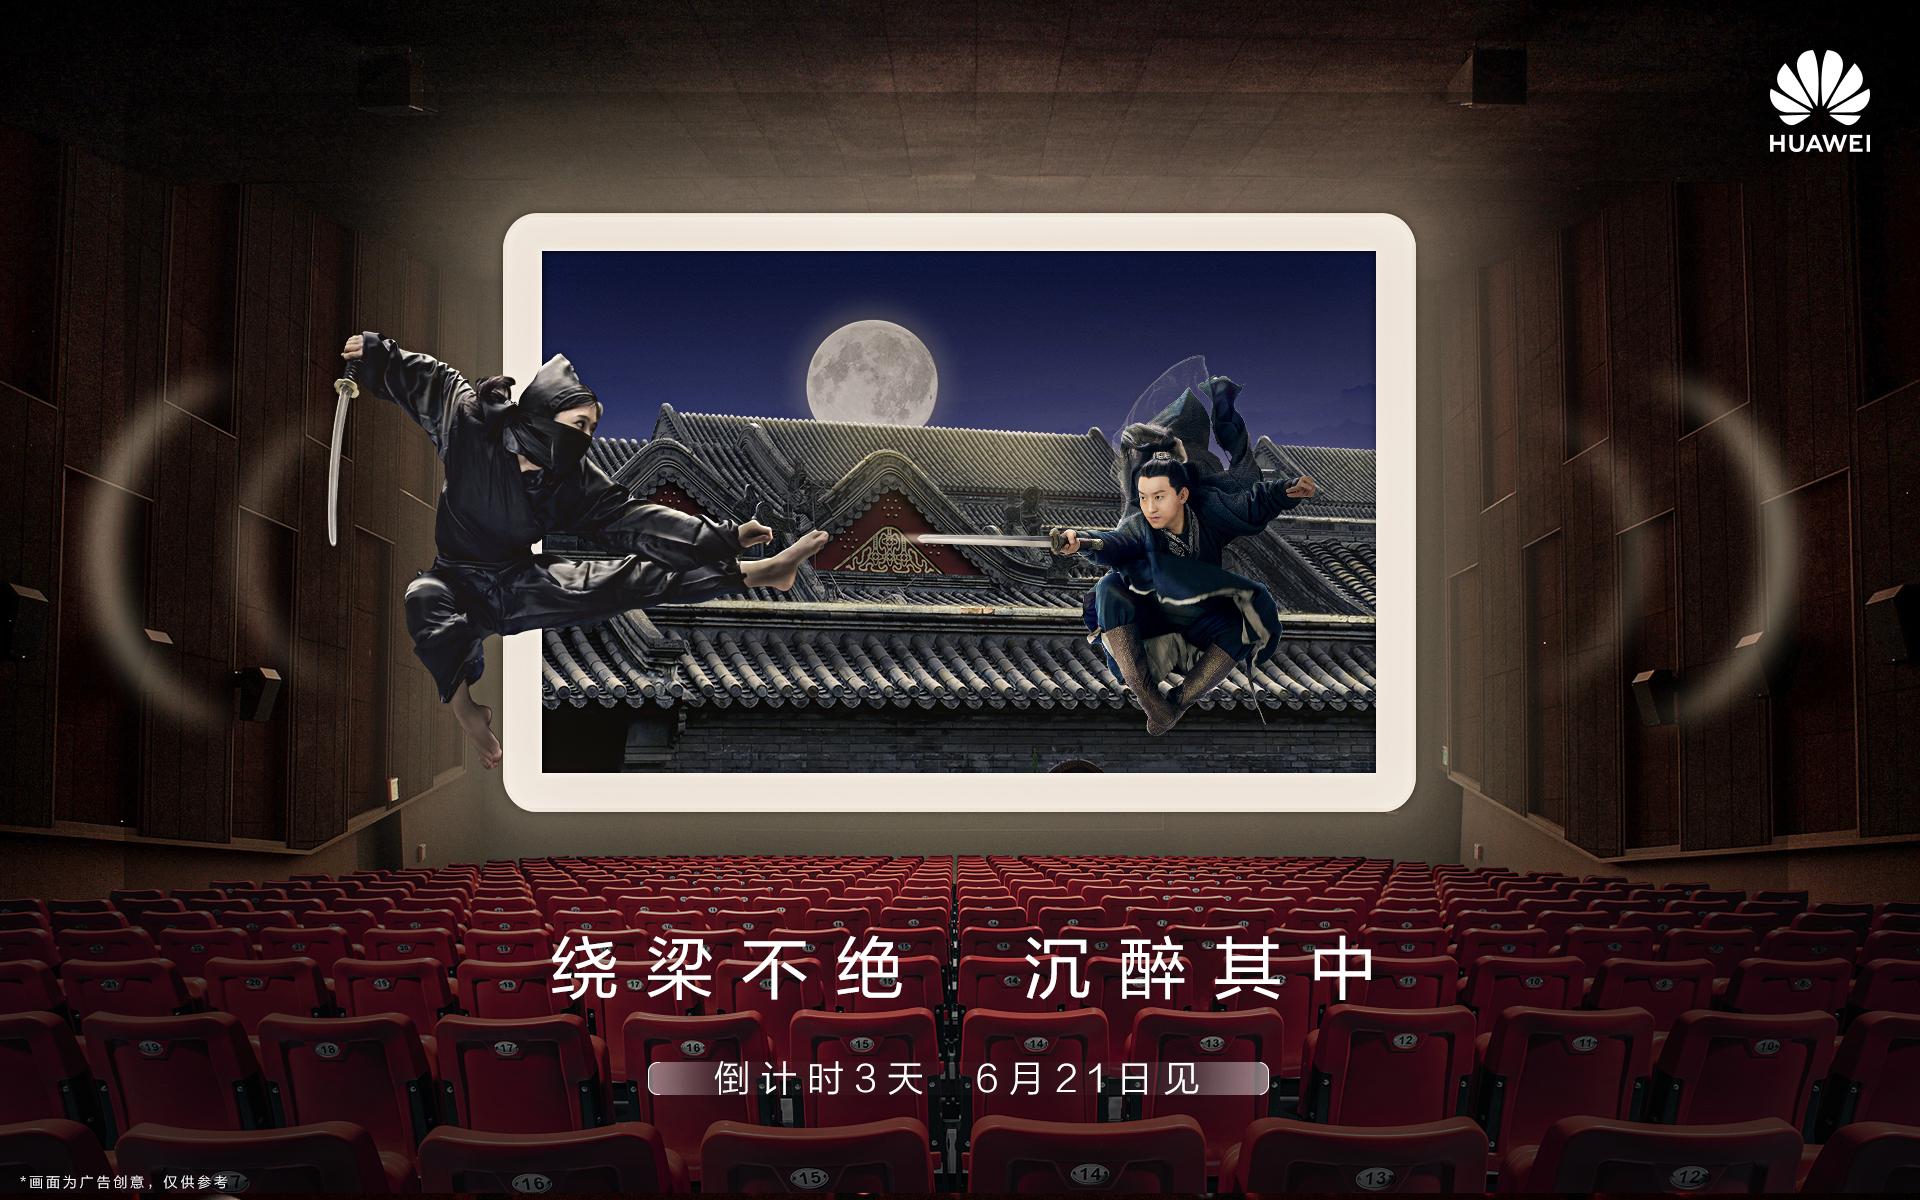 华为旗舰平板官宣:搭载麒麟980 6月21日见